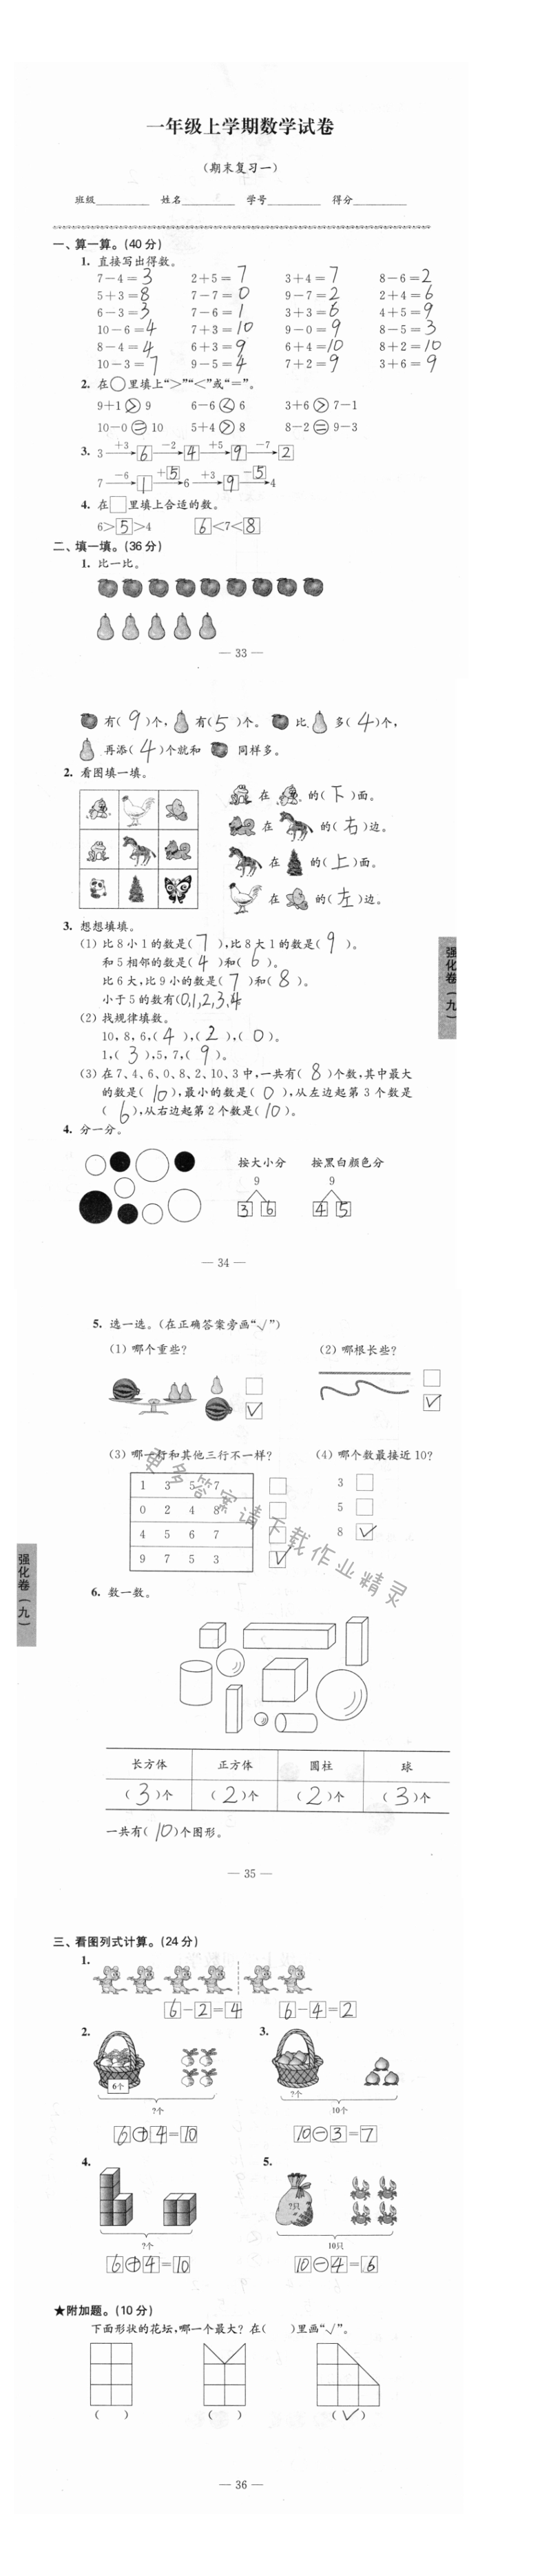 期末复习一    强化卷(九)